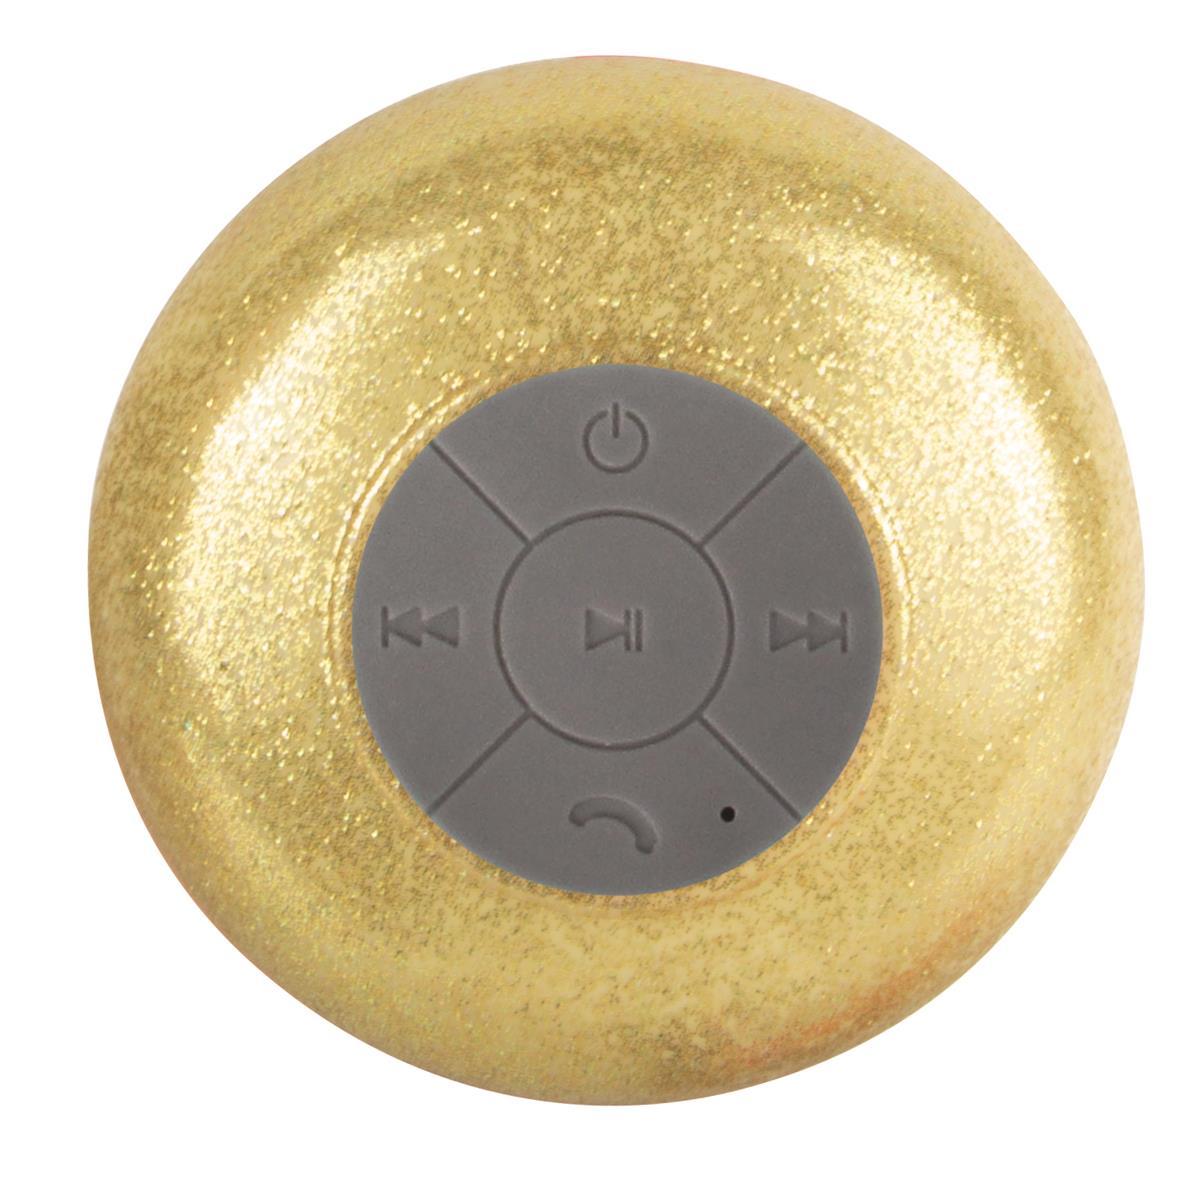 haut-parleur douche or doré